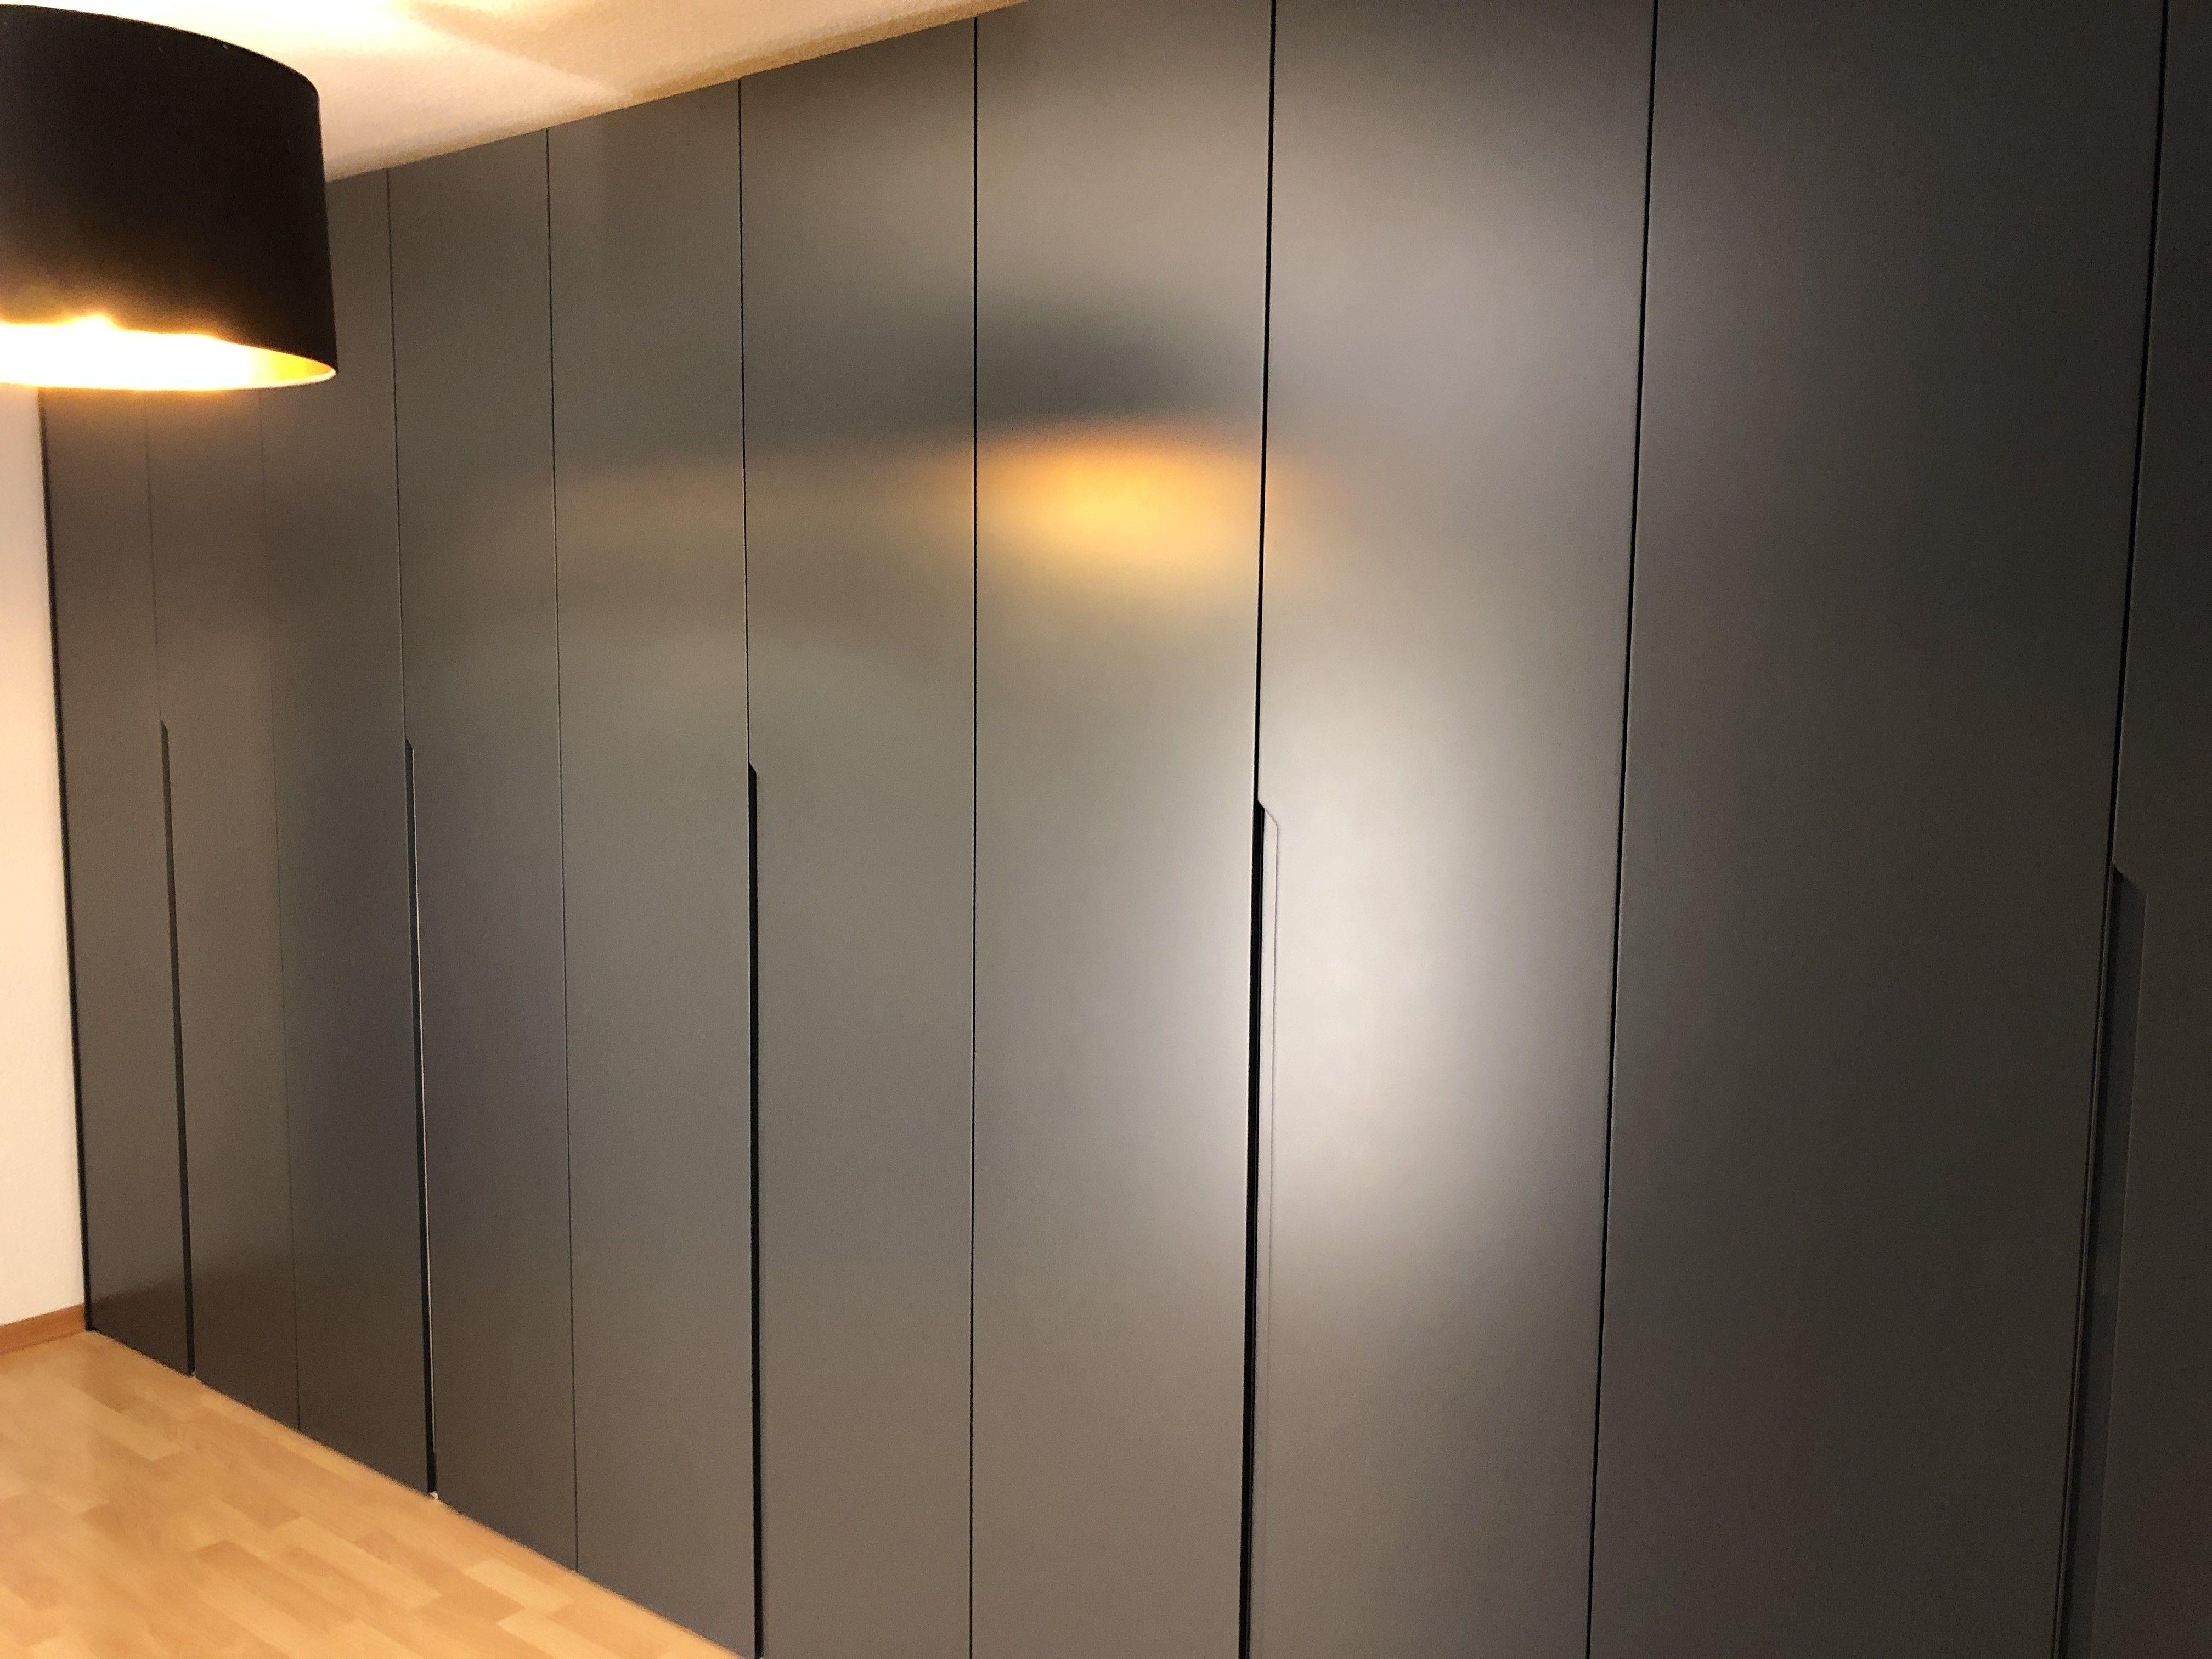 Idaw Schrank Nach Mass Einbauschranke Und Design Kommoden Foyerdesign Einbauschrank Schrank